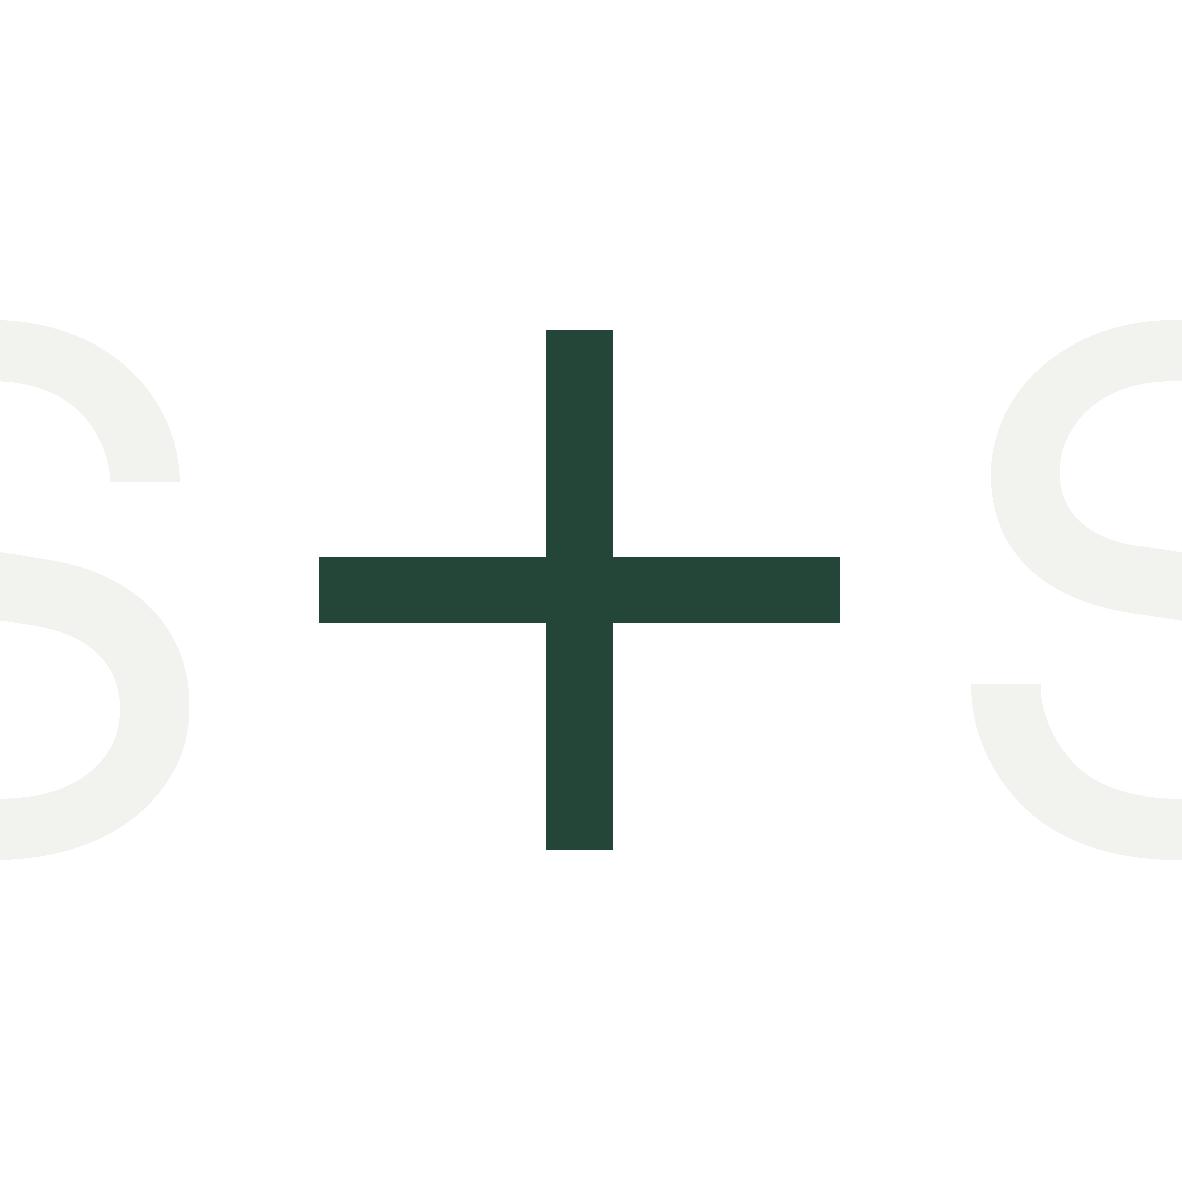 fg_sanssamling_logo_rgb_negativ_3_v